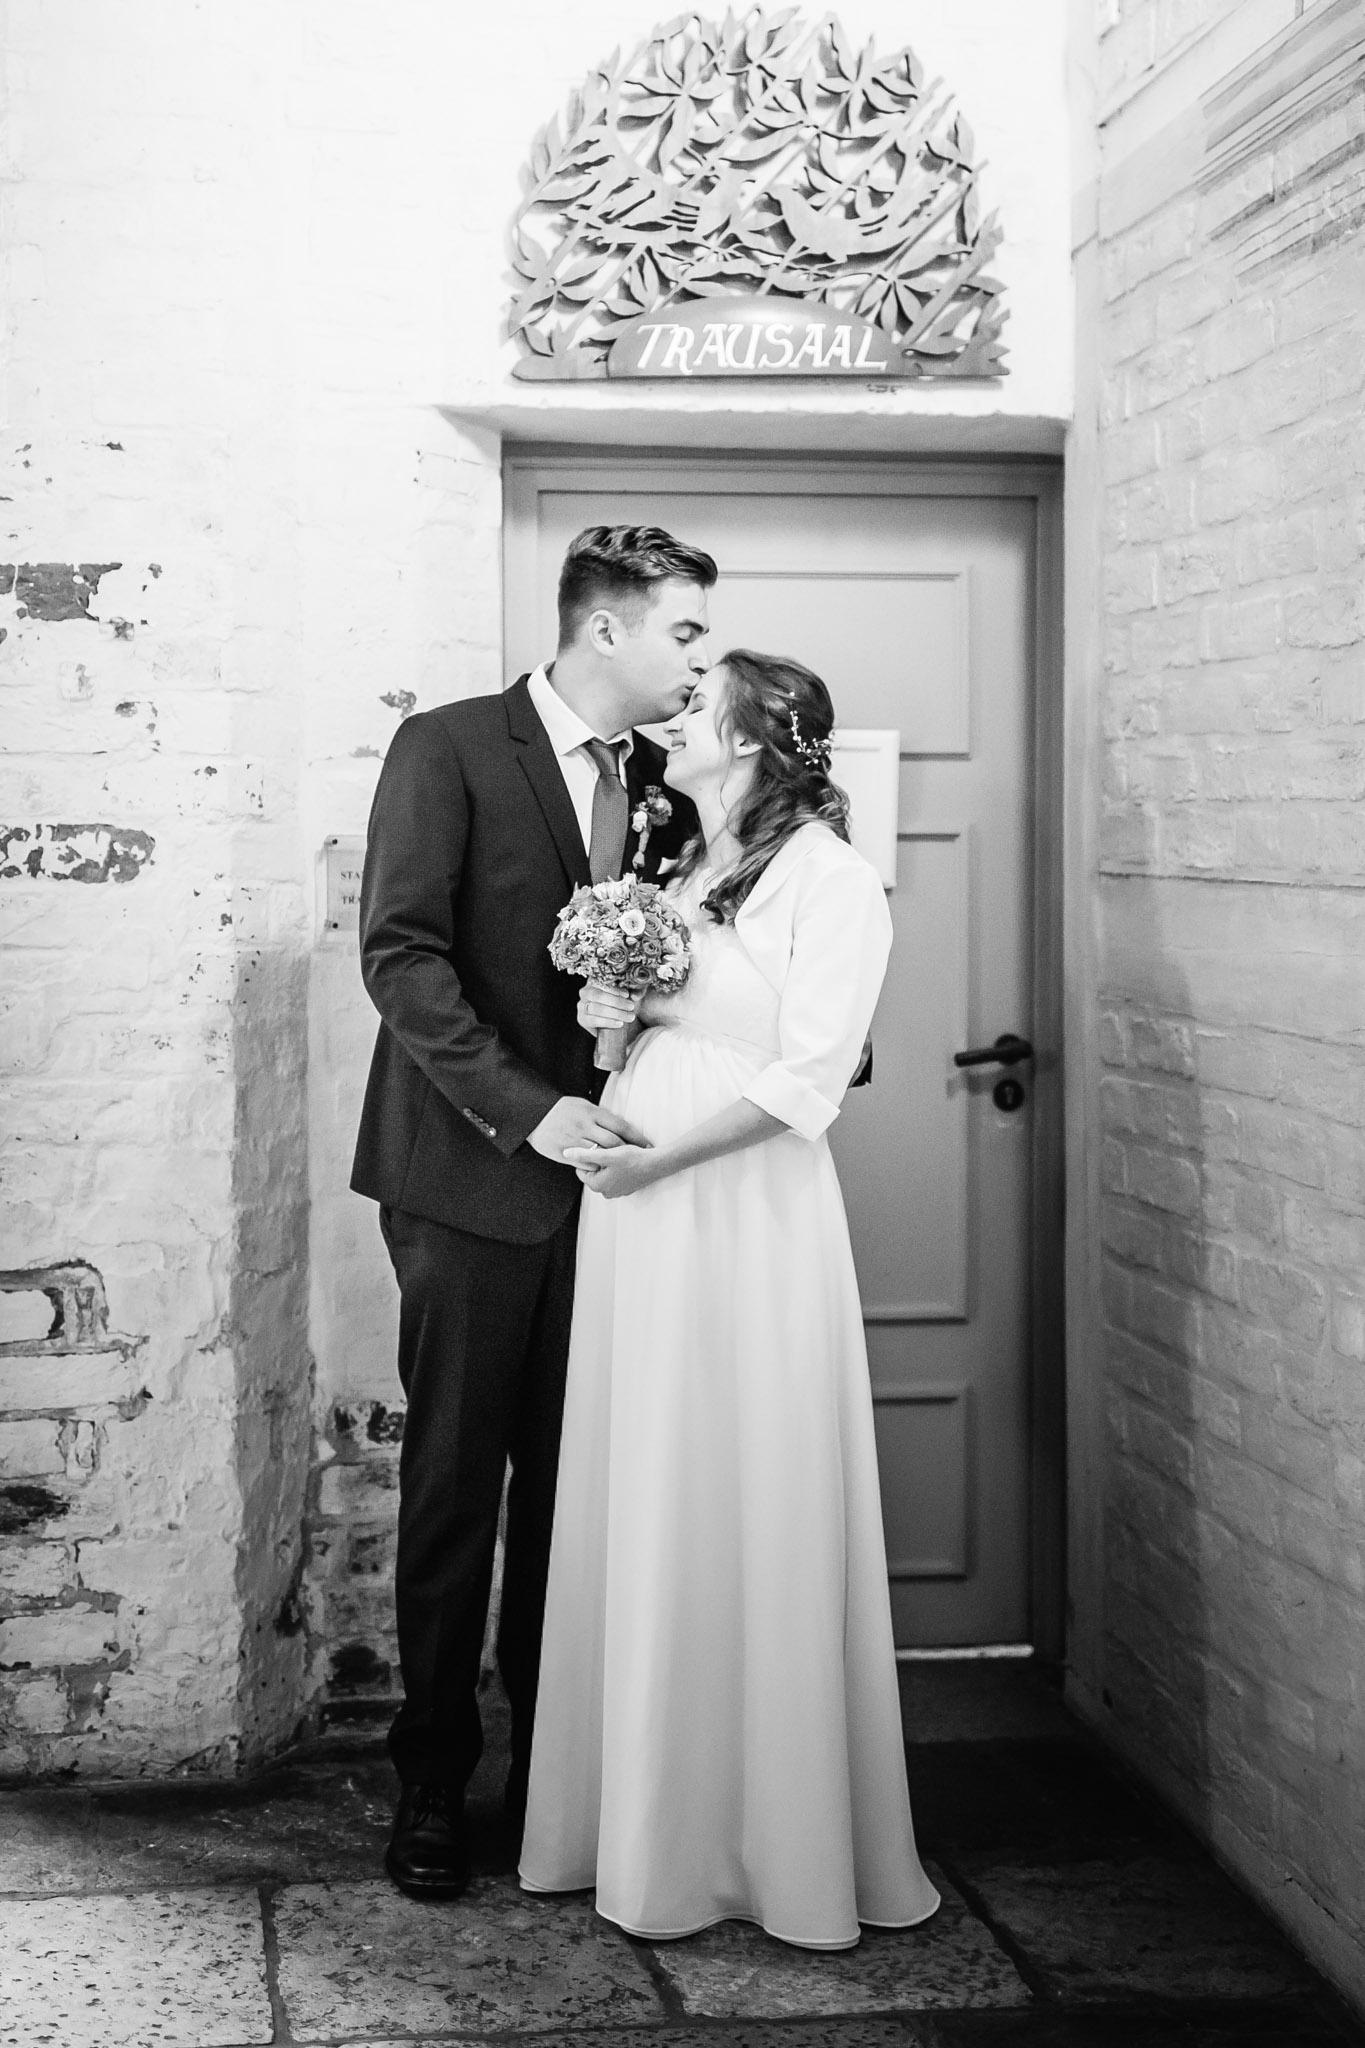 Hochzeitsfoto von Susann & Christian 1